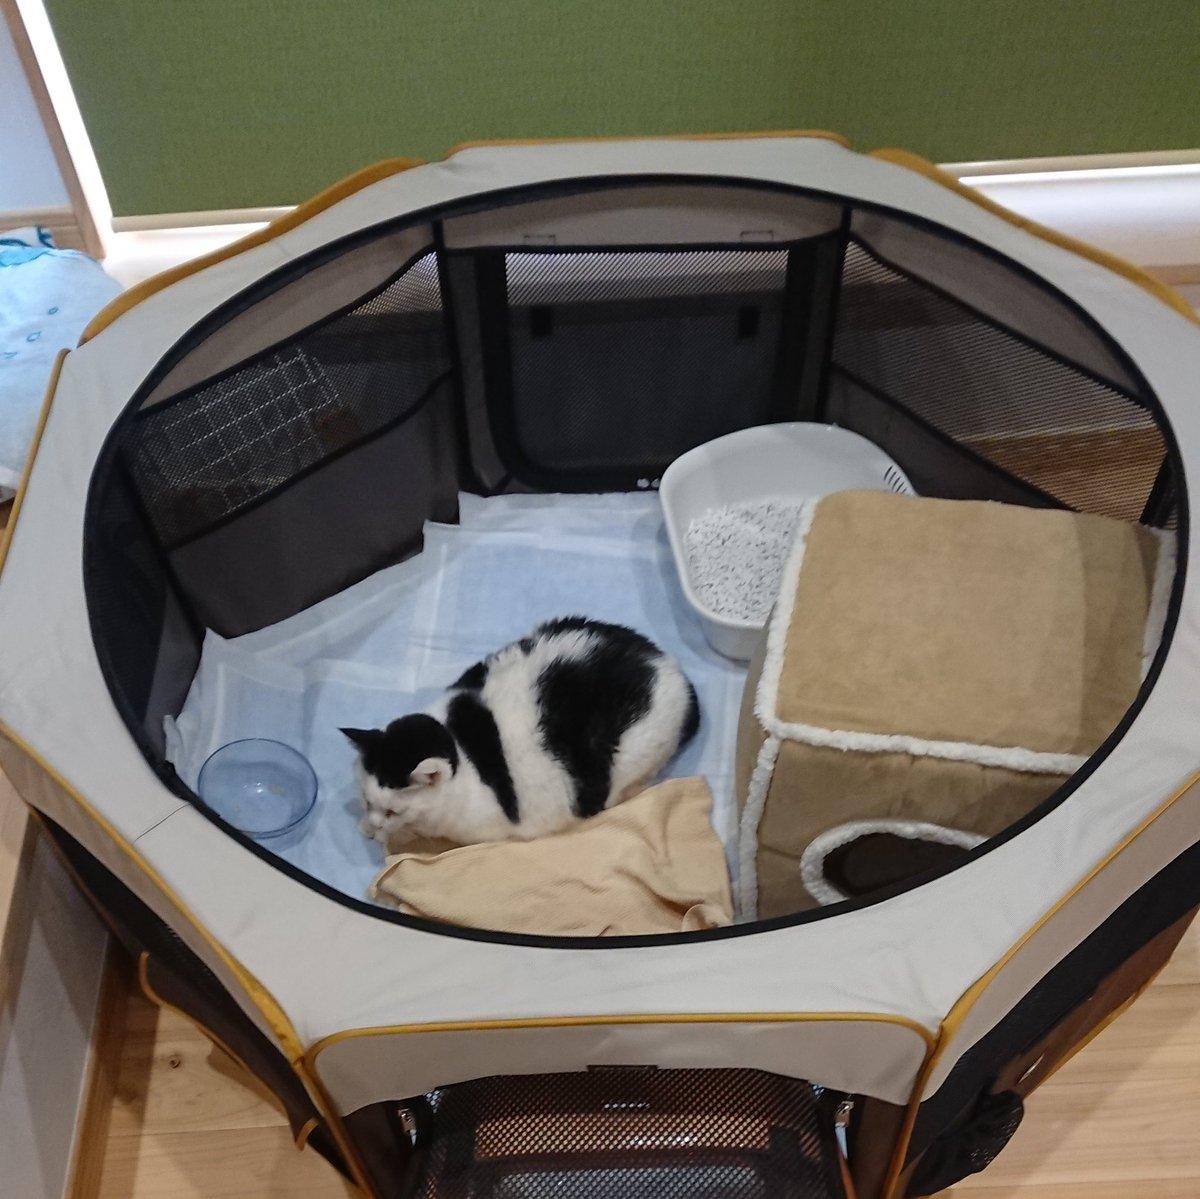 猫と一時避難するときや緊急時に重いケージを持って行き組み立てるのはむずかしいですが、この折り畳みサークルなら軽いし小さくなるのでおすすめです!天井と床部分はファスナーで付けはずしできます。 うちのはカインズで購入したLサイズのものですが、他のお店にも同じような物が売ってあります